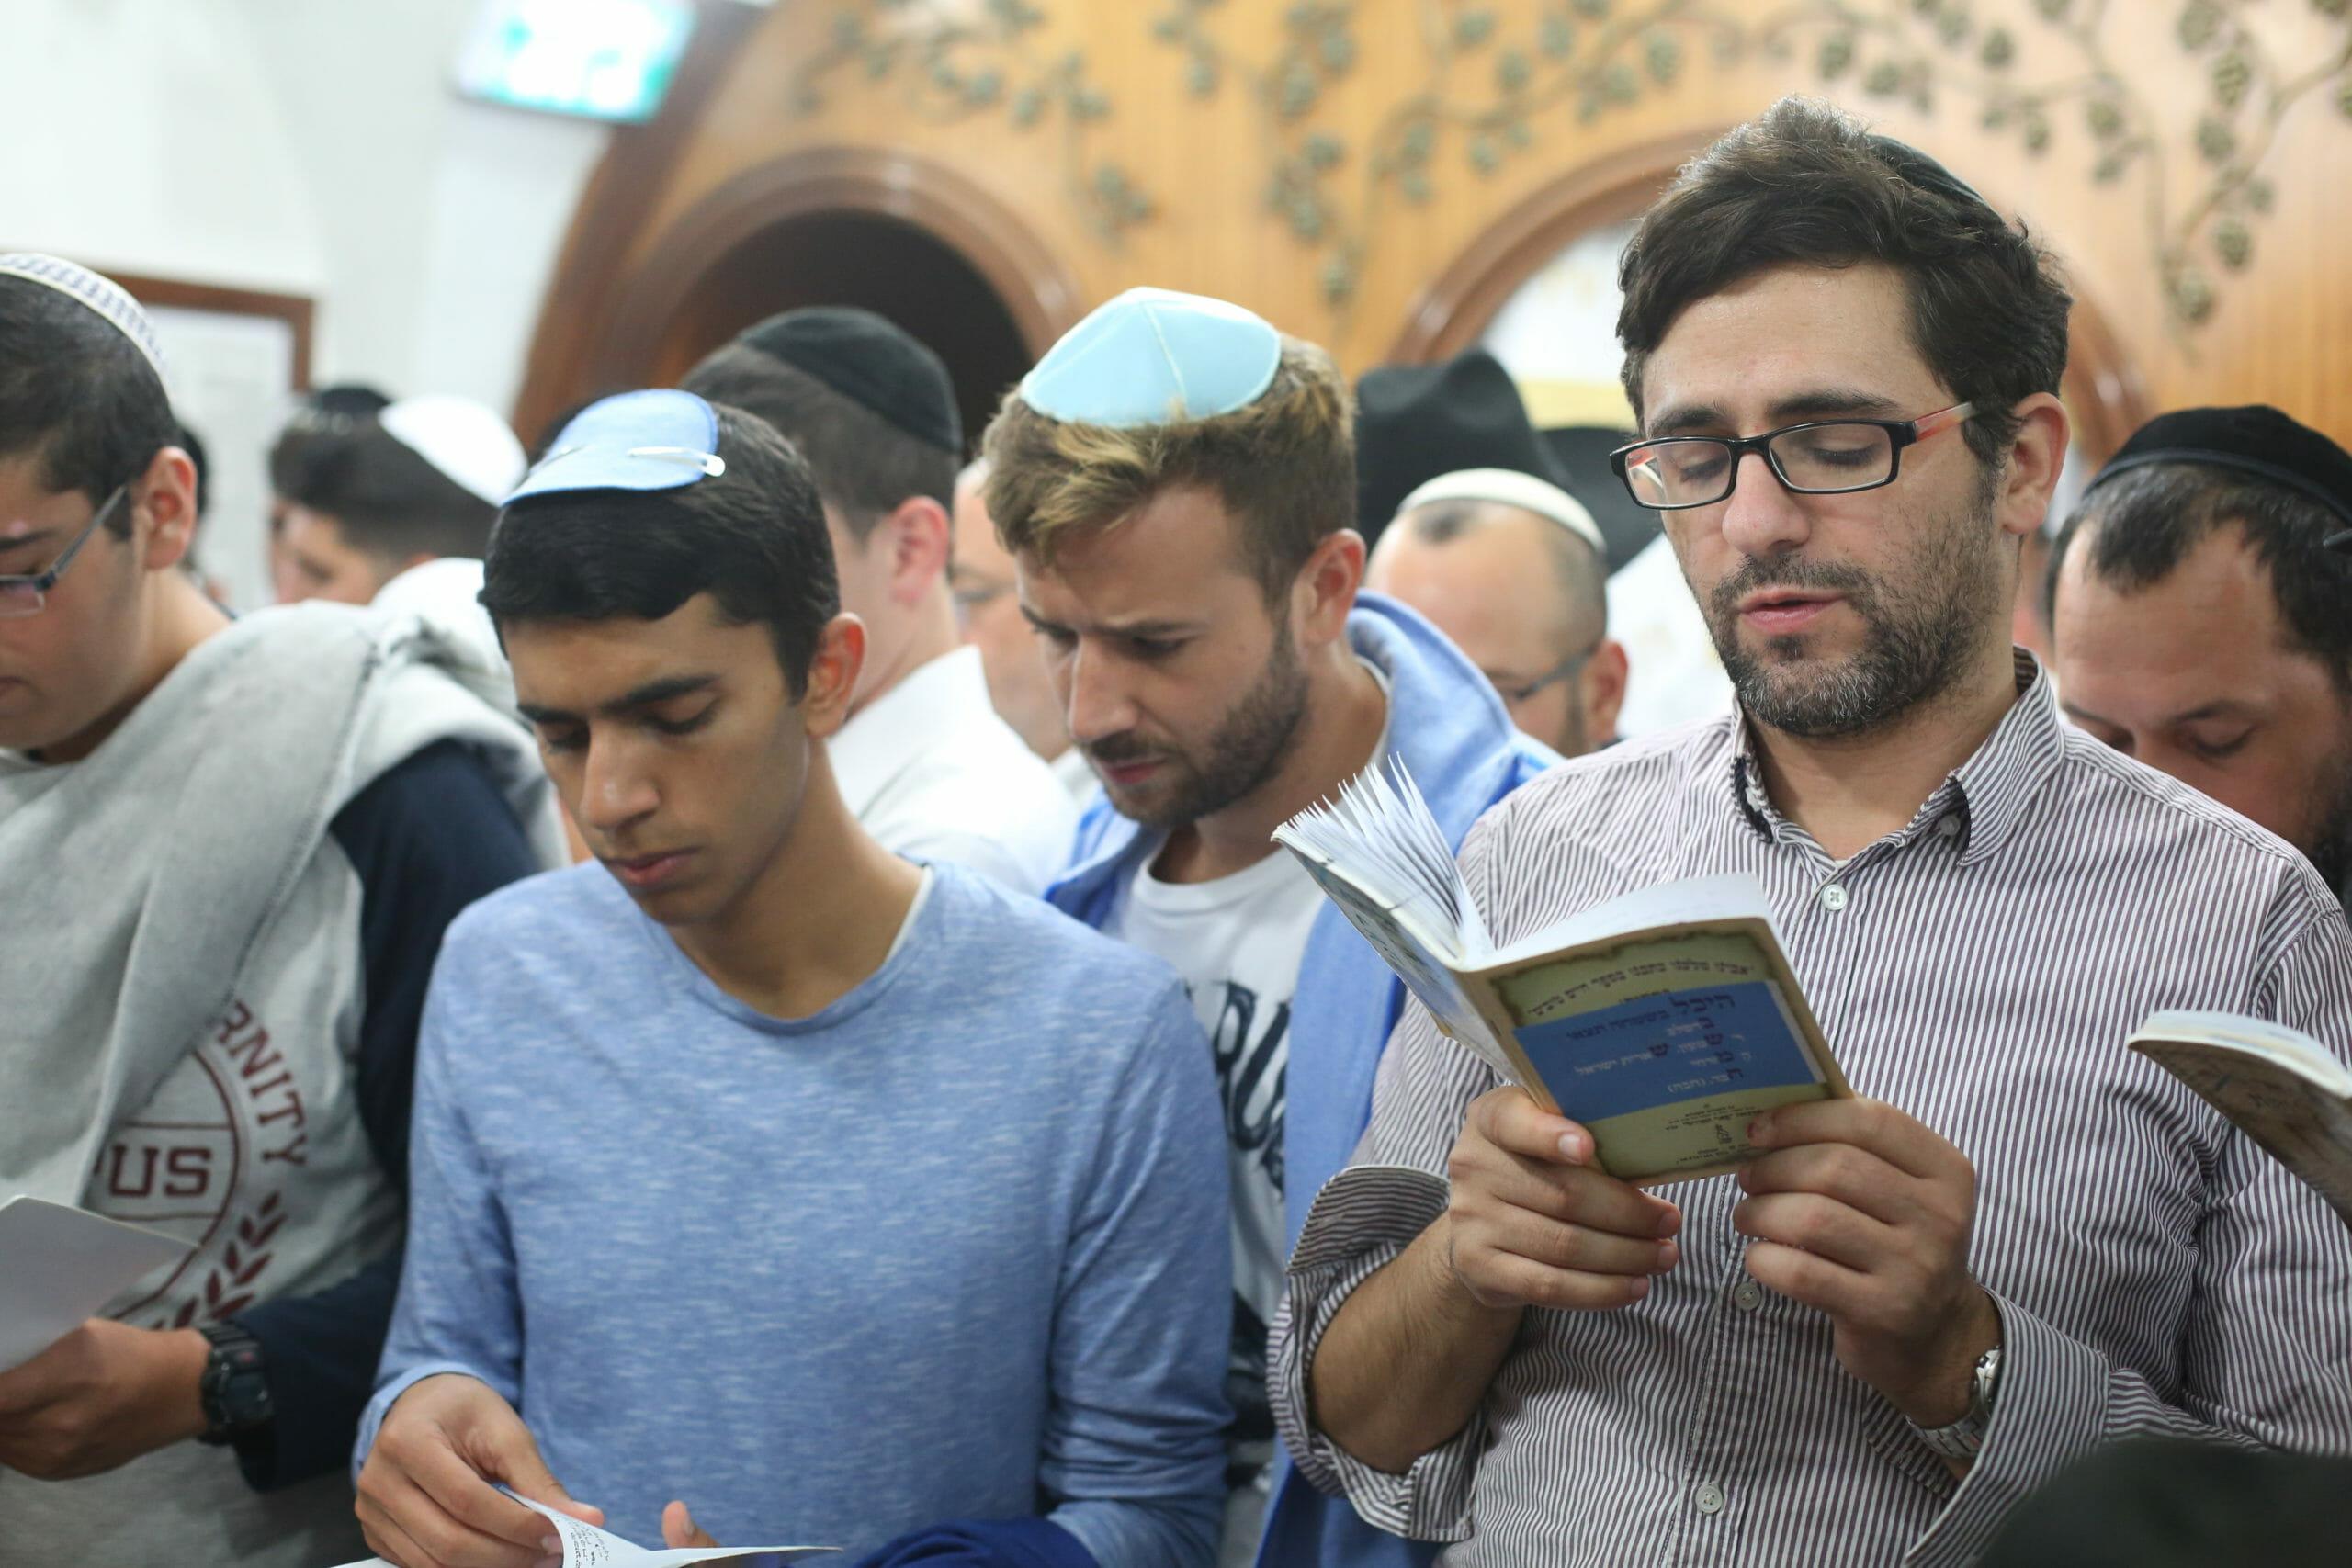 Read more about the article FAKTA: Den jødiske helligdag Yom kippur